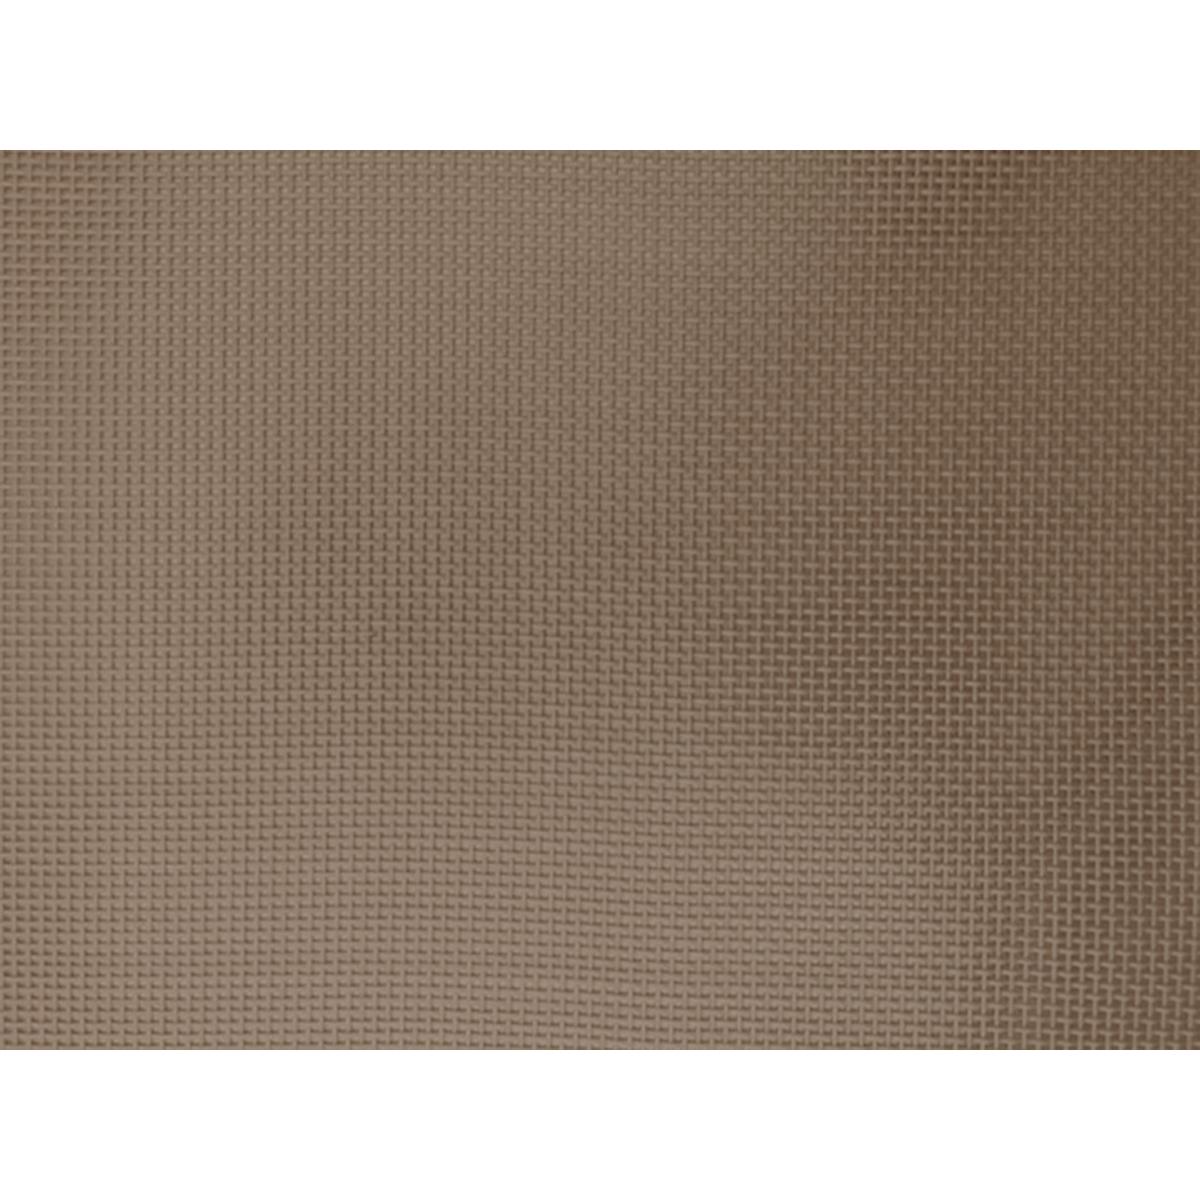 Toile au mètre pour mobilier extérieur - Ficelle - 1.4 m